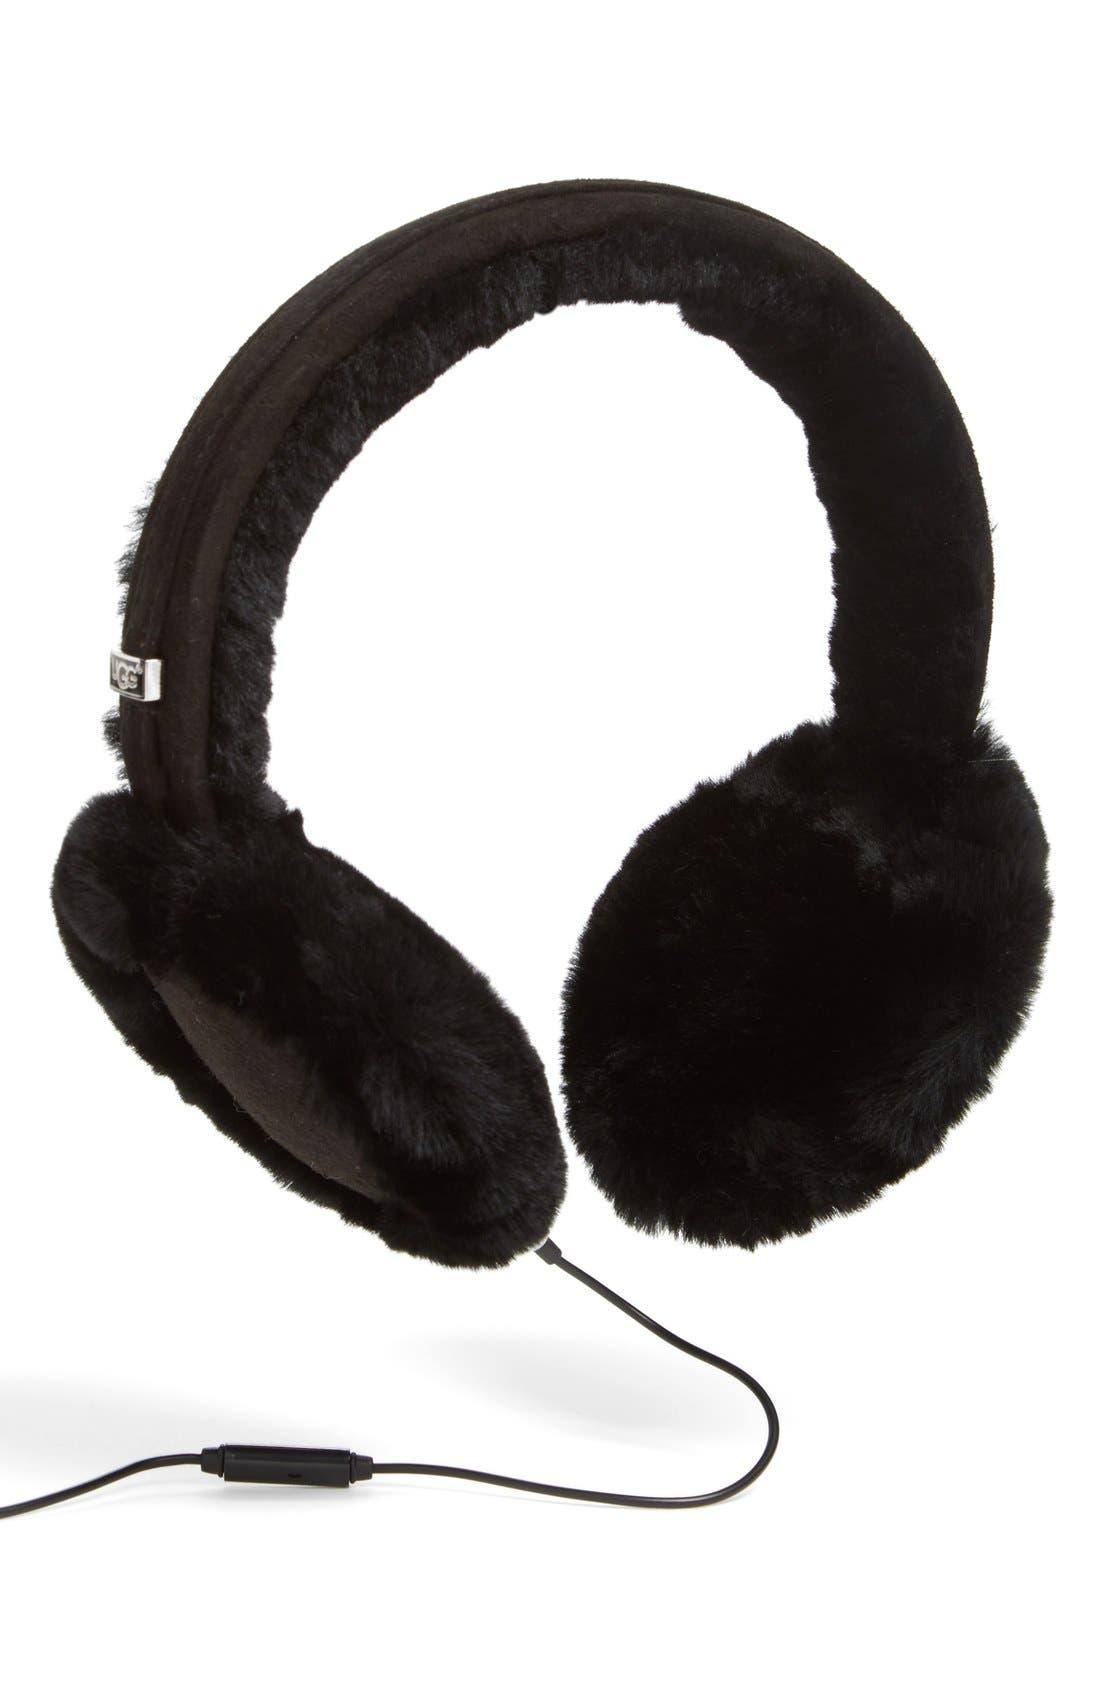 UGG® Australia 'Classic' Genuine Shearling Headphone Earmuffs